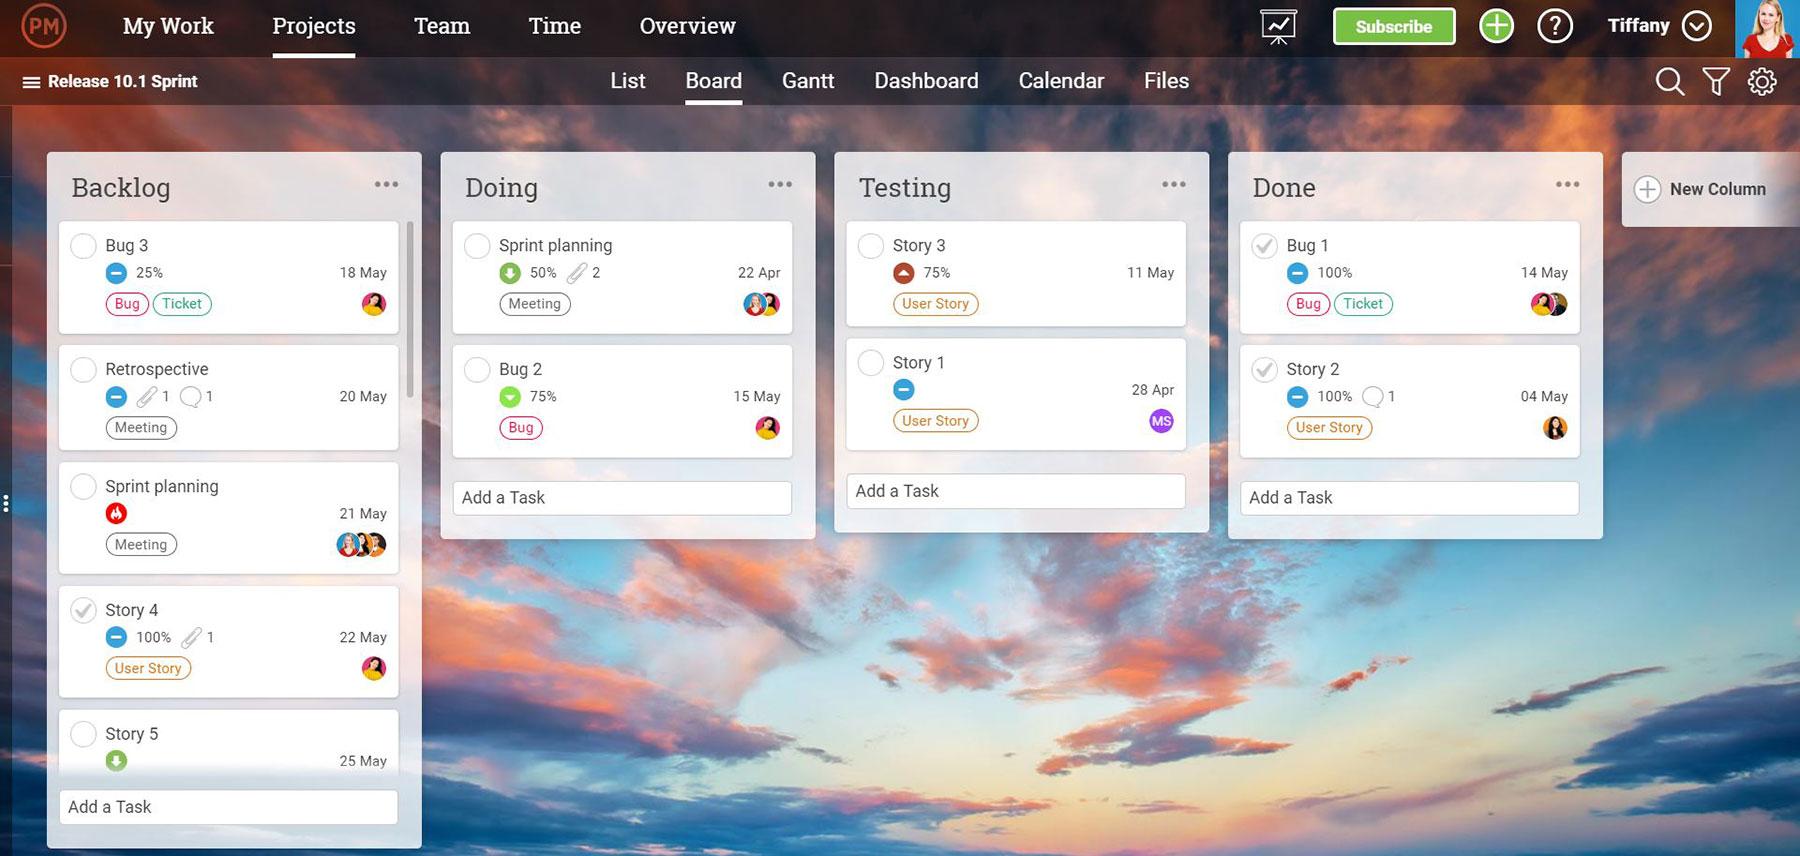 Una captura de pantalla de los tableros kanban de ProjectManager.com, que muestran las tareas como tarjetas en columnas secuenciales que representan las etapas de finalización de un proyecto.